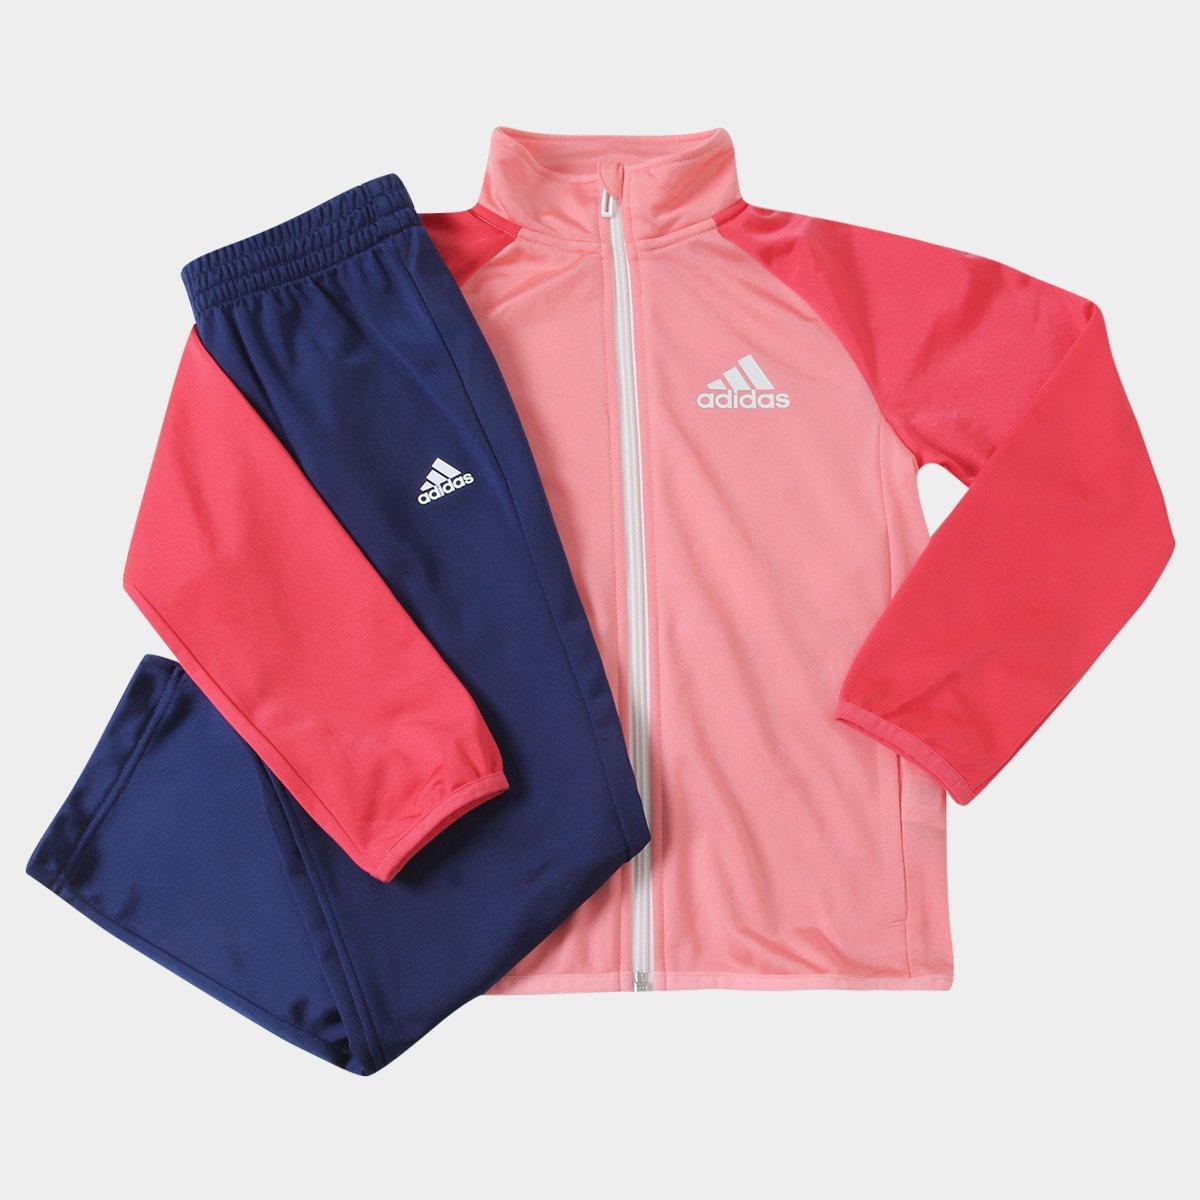 de7e3bc1b9 Agasalho Adidas Yb Ts Entry Oh Infantil - Compre Agora